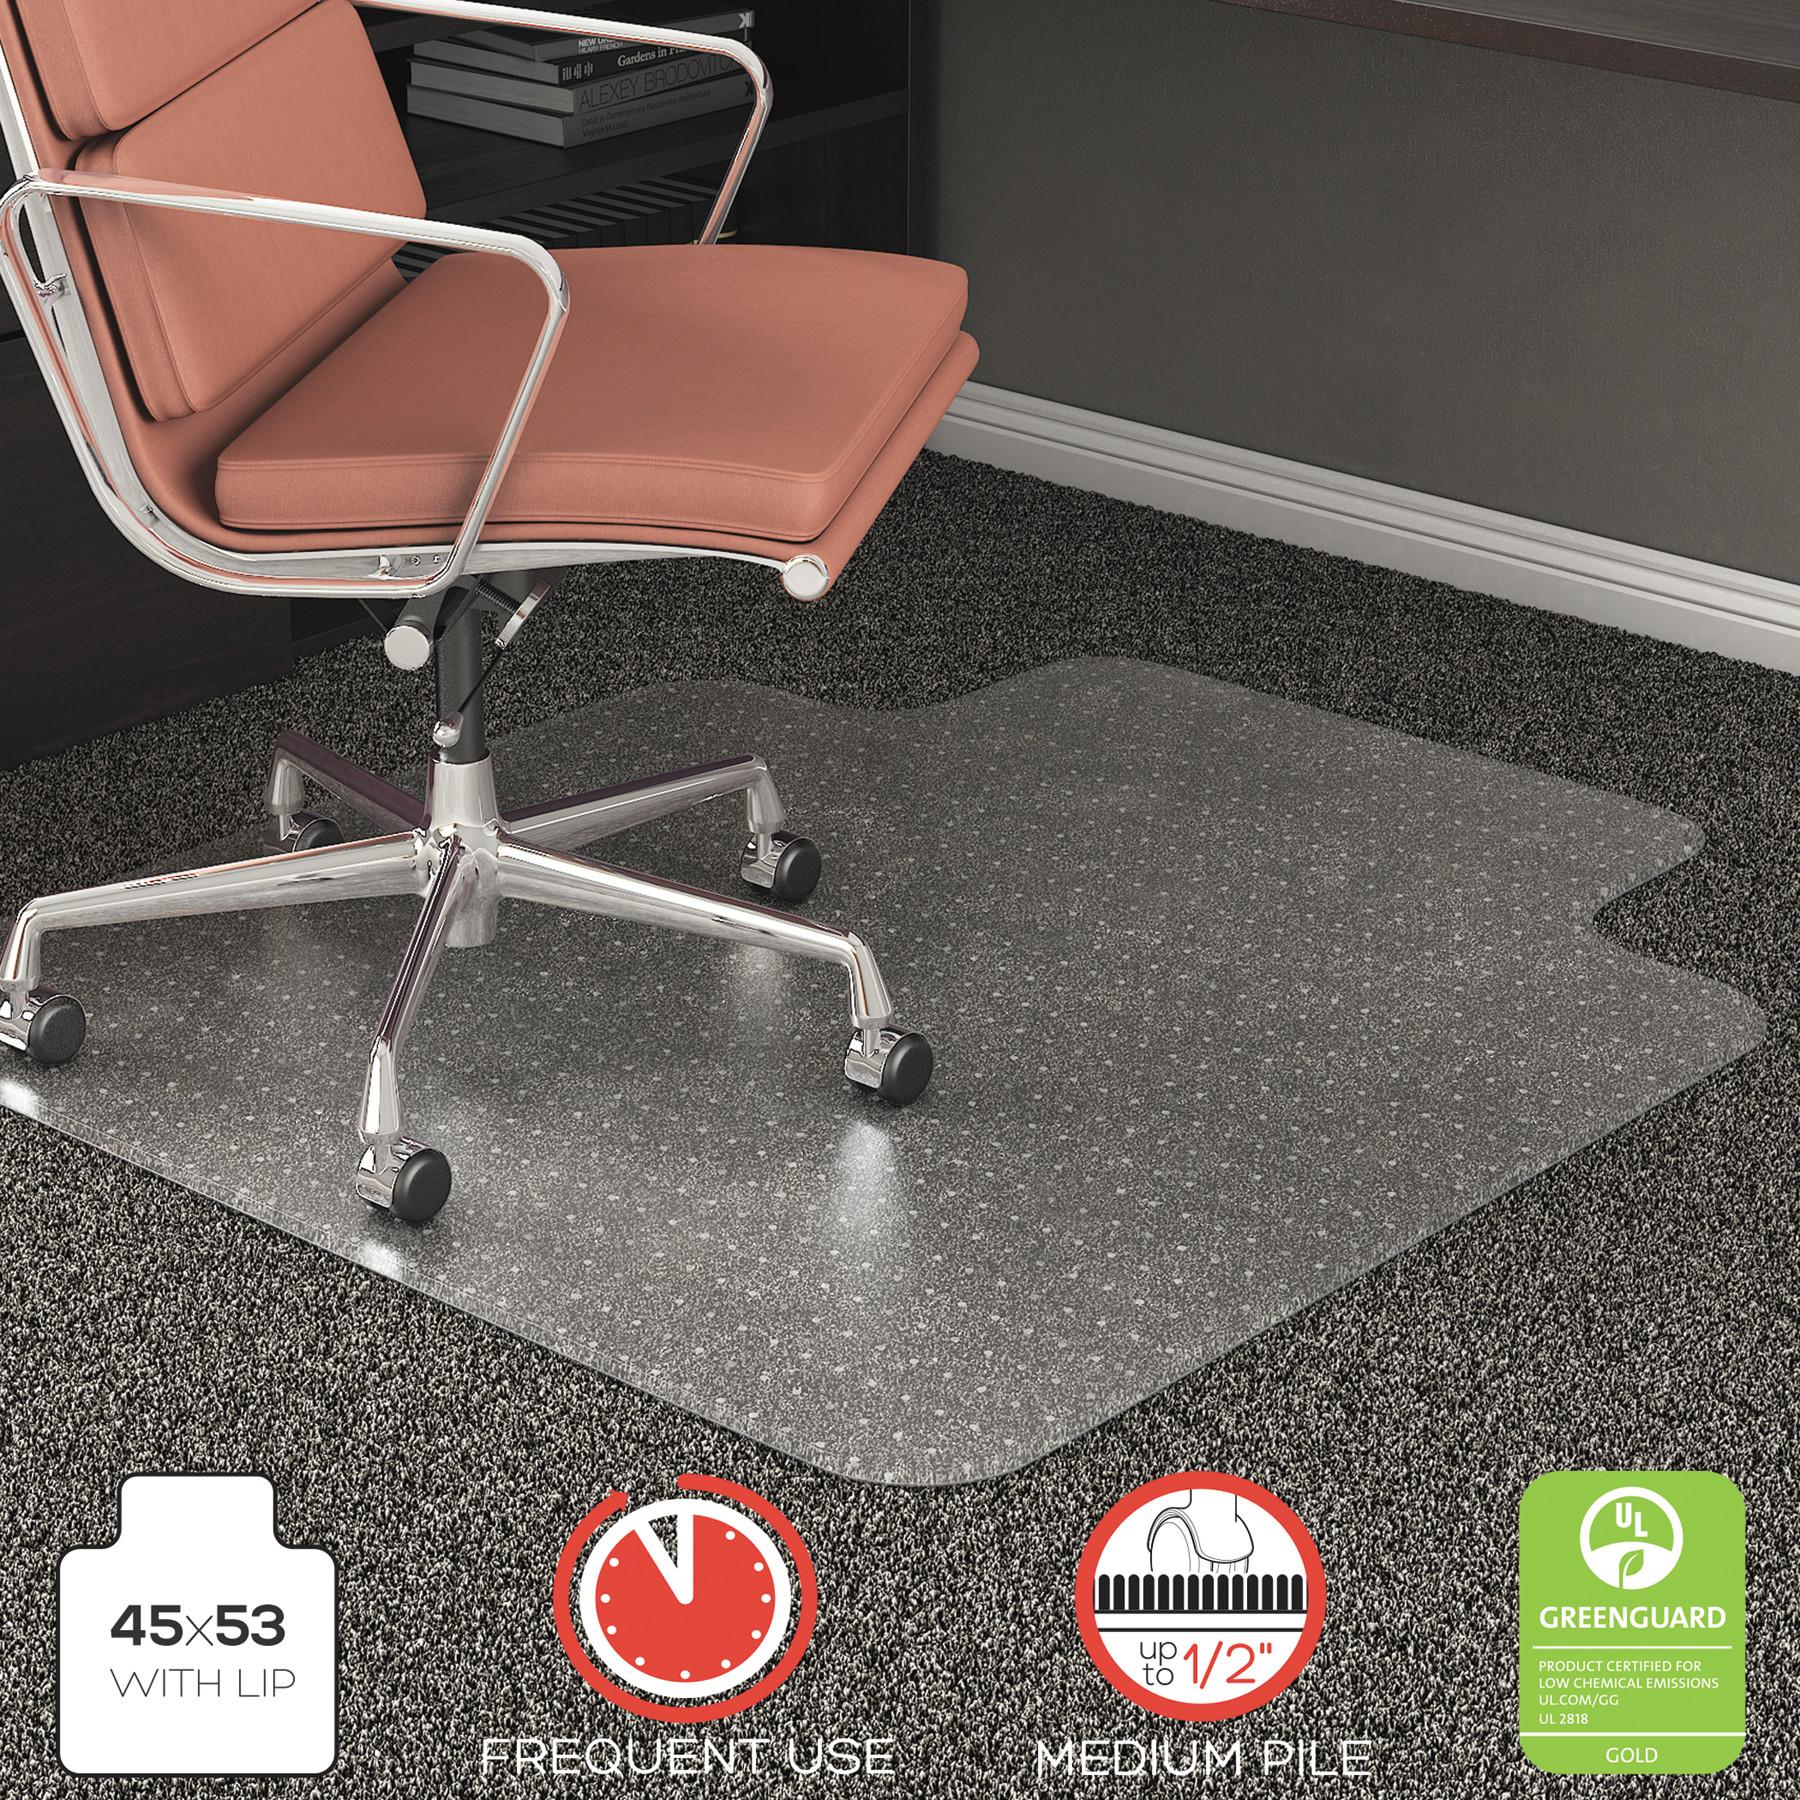 Deflecto RollaMat 45 x 53 Chair Mat for Medium Pile Carpet, Rectangular with Lip